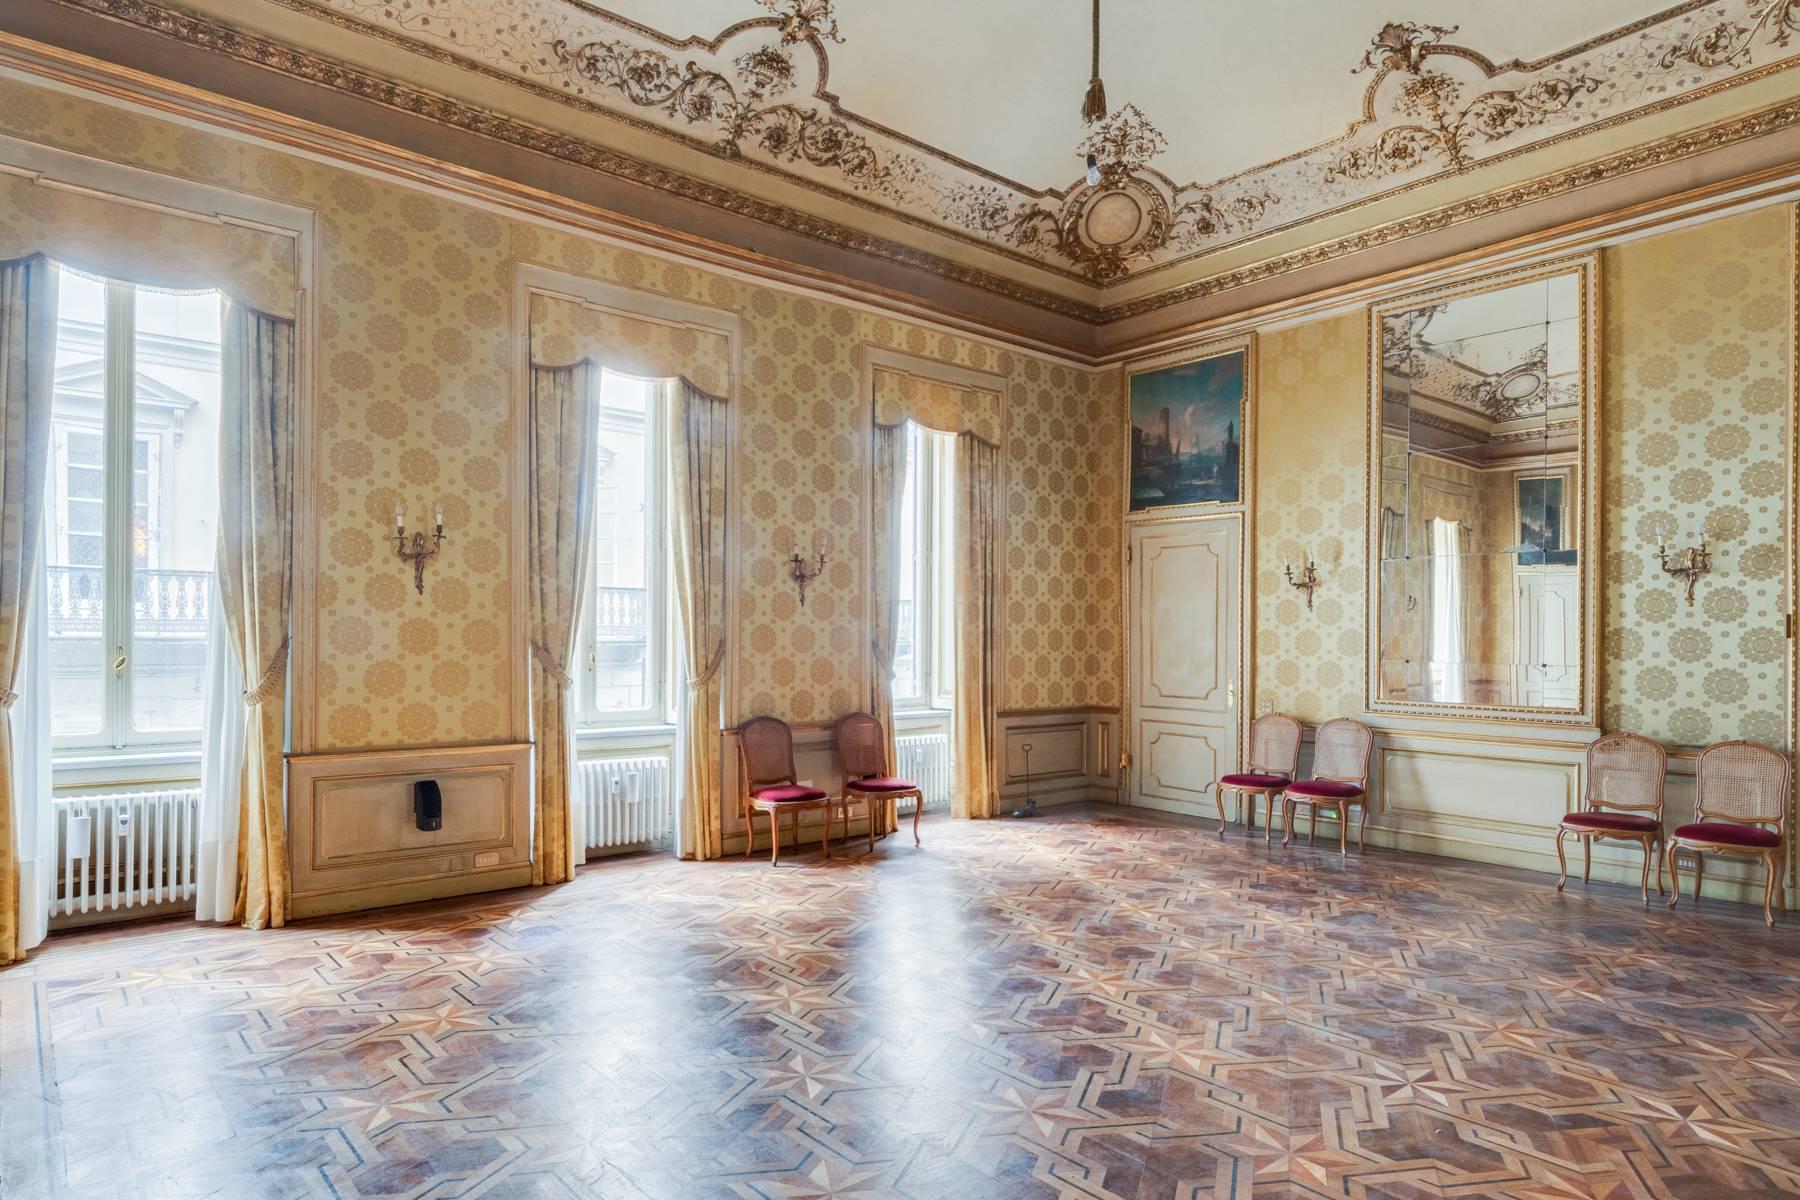 Luxus-Wohnung im historischen Palast - 7